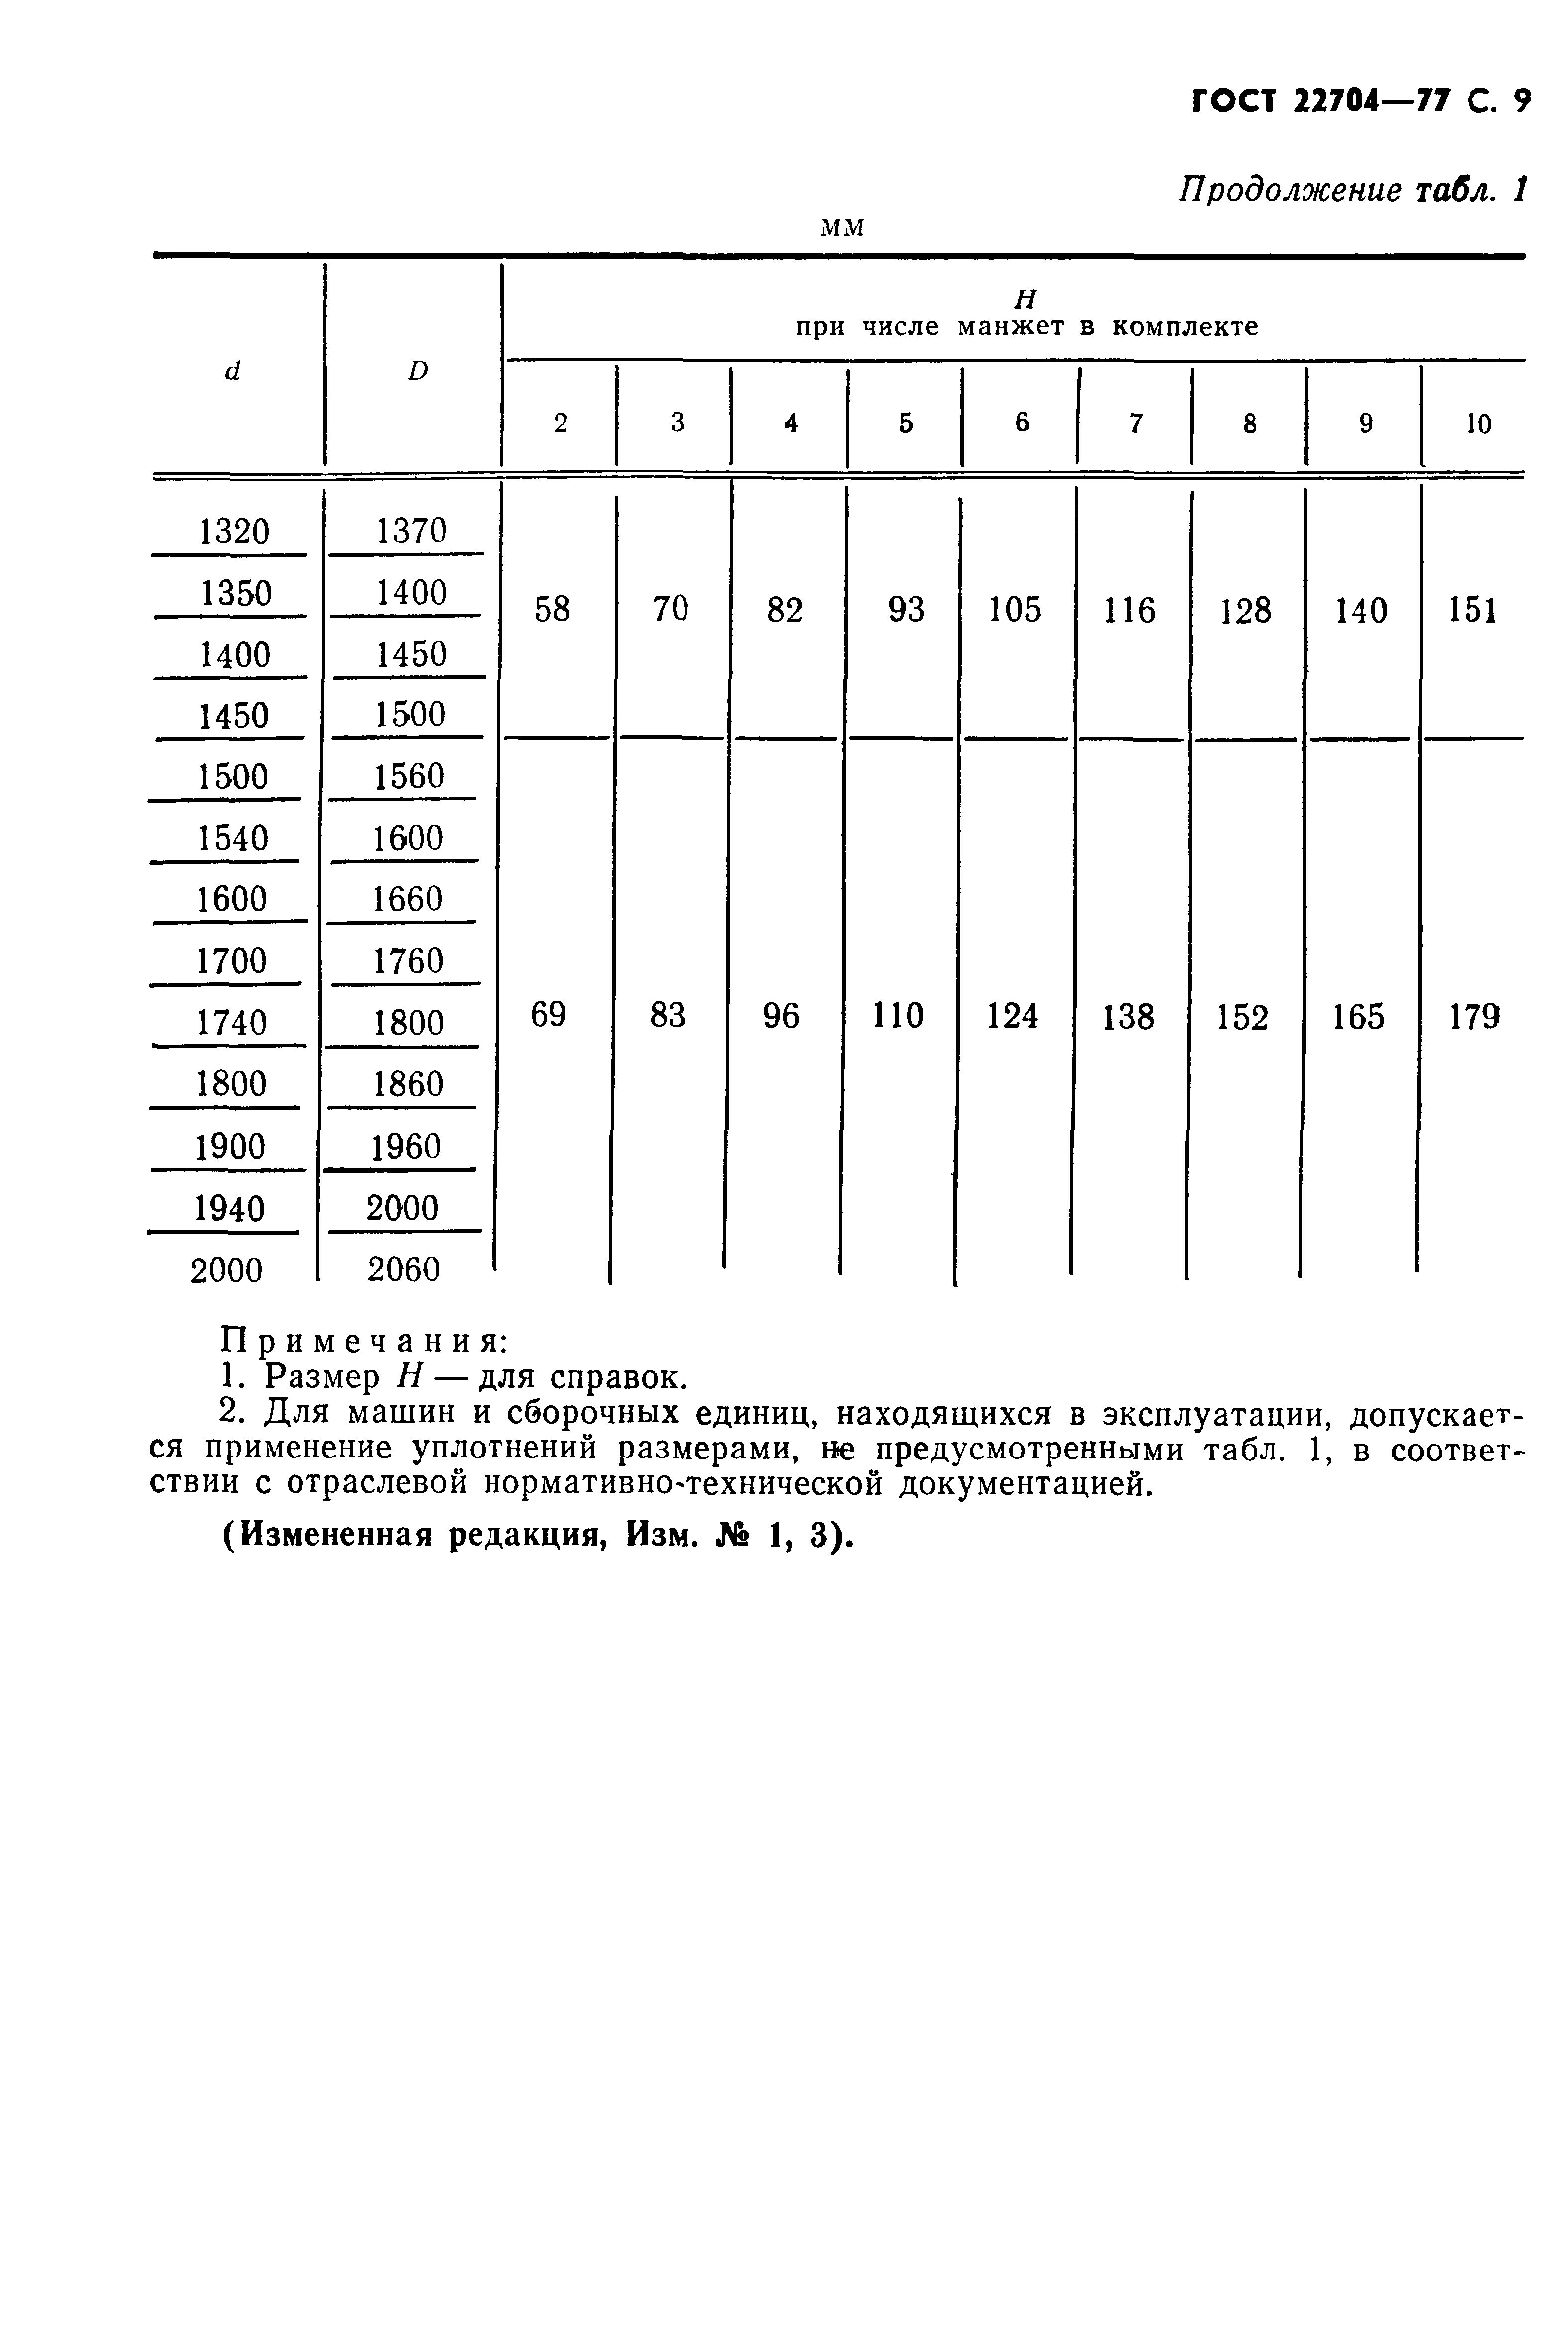 GOST_22704-77__10_.jpg